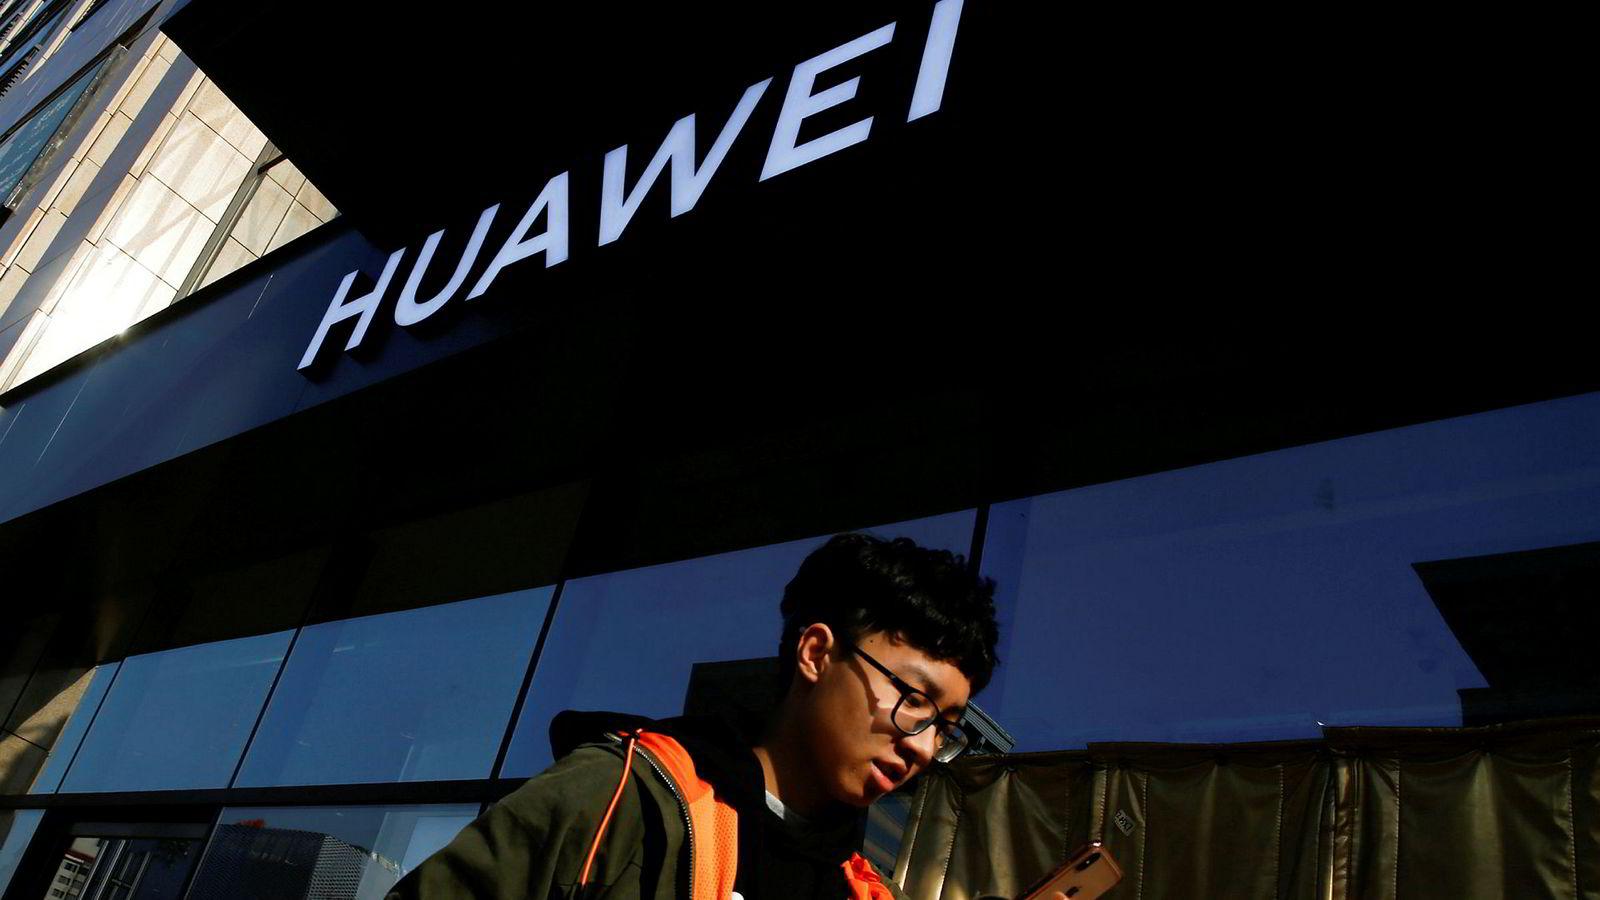 PST mener det er sikkerhetsmessig problematisk å la kinesiske Huawei bygge mobilnett i Norge.